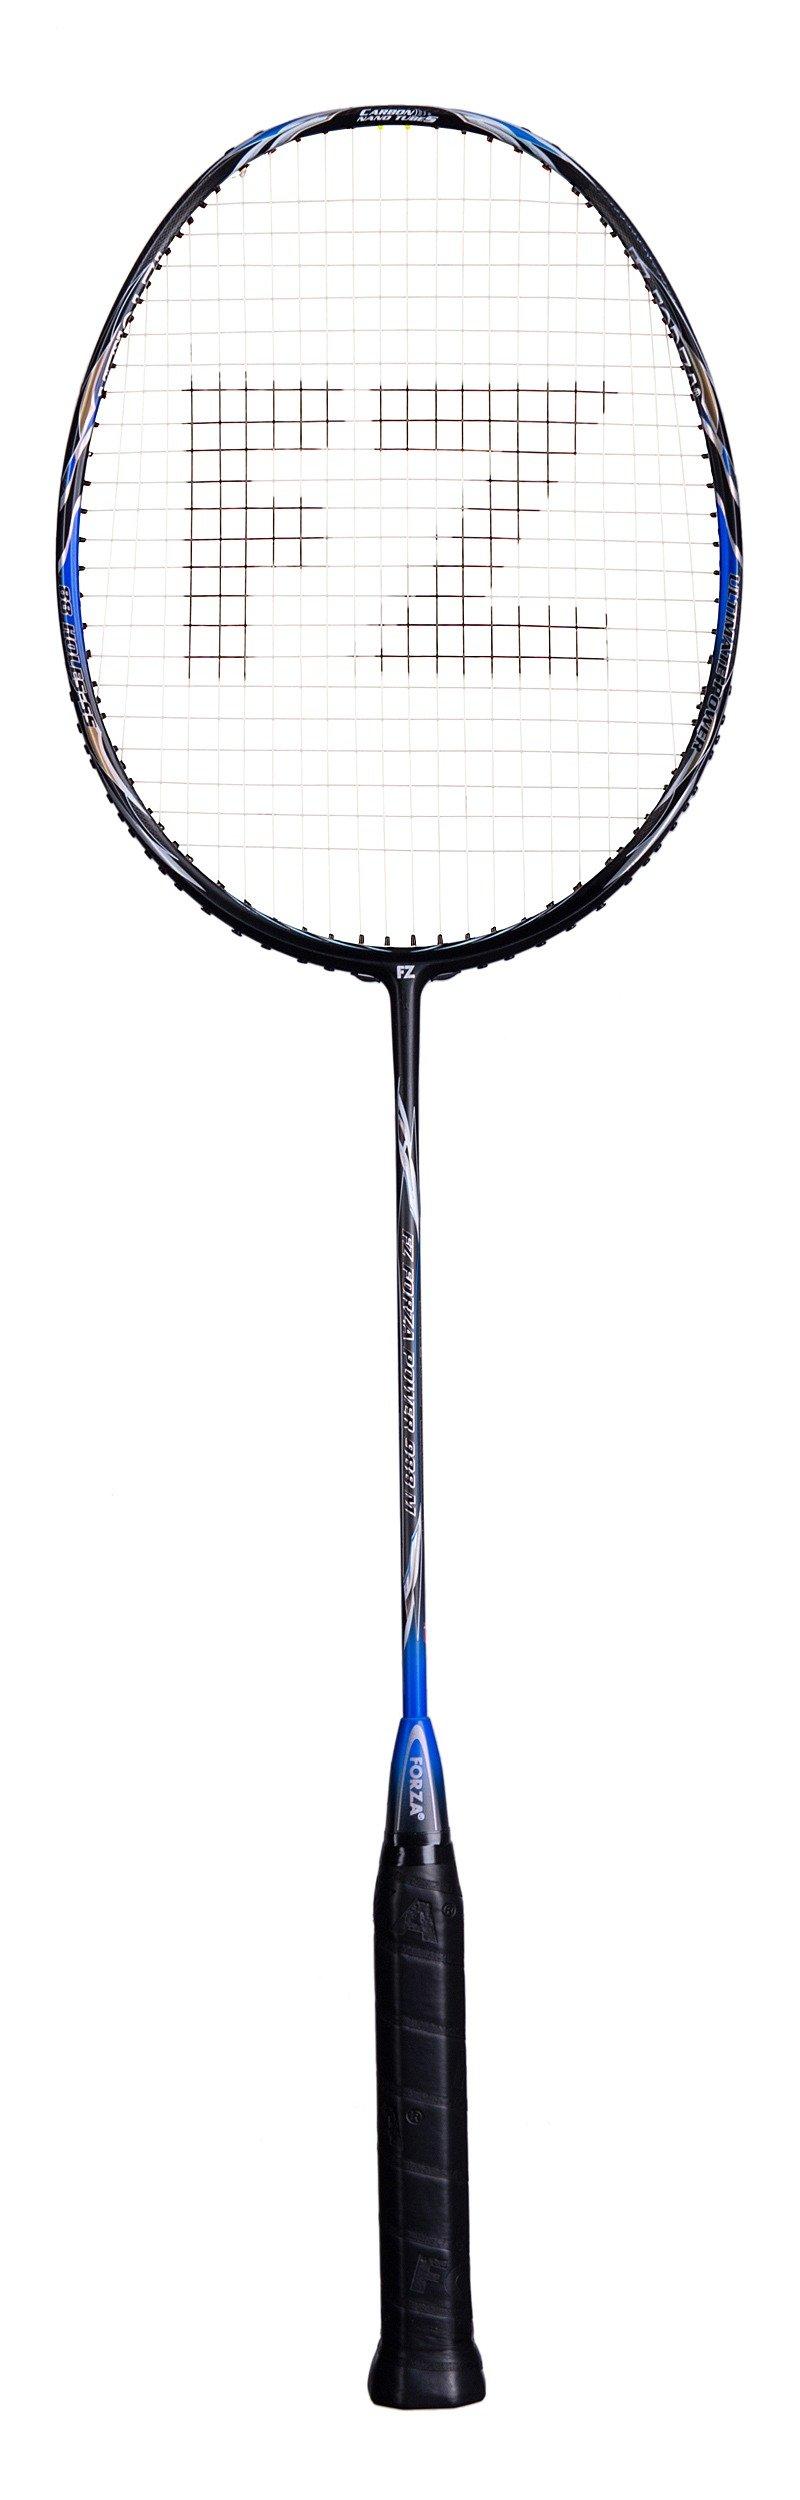 Forza Power 988 Badmintonketcher